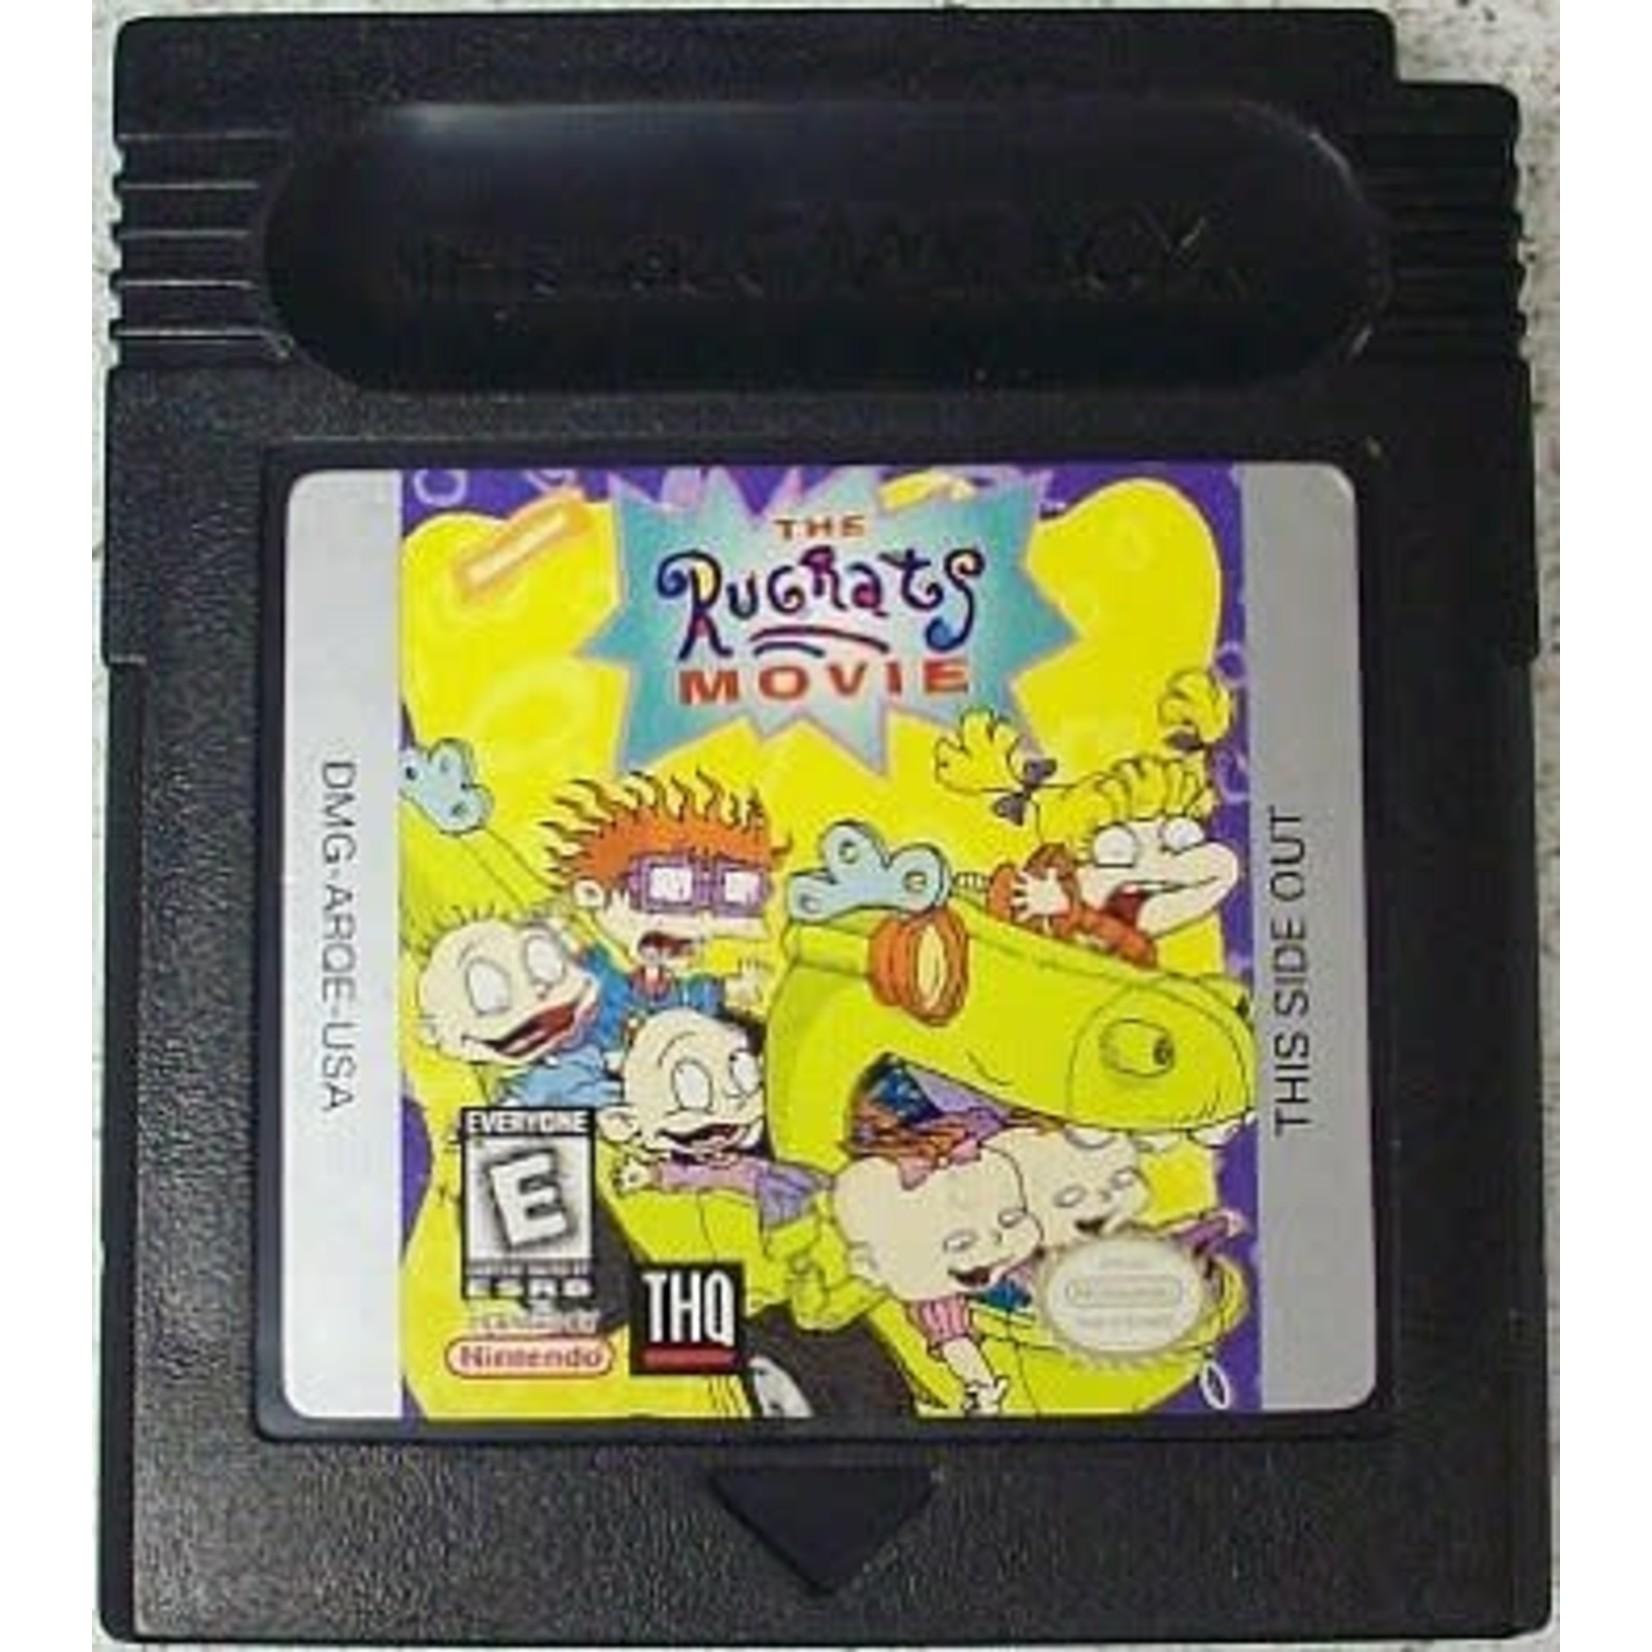 GBCU-The Rugrats Movie